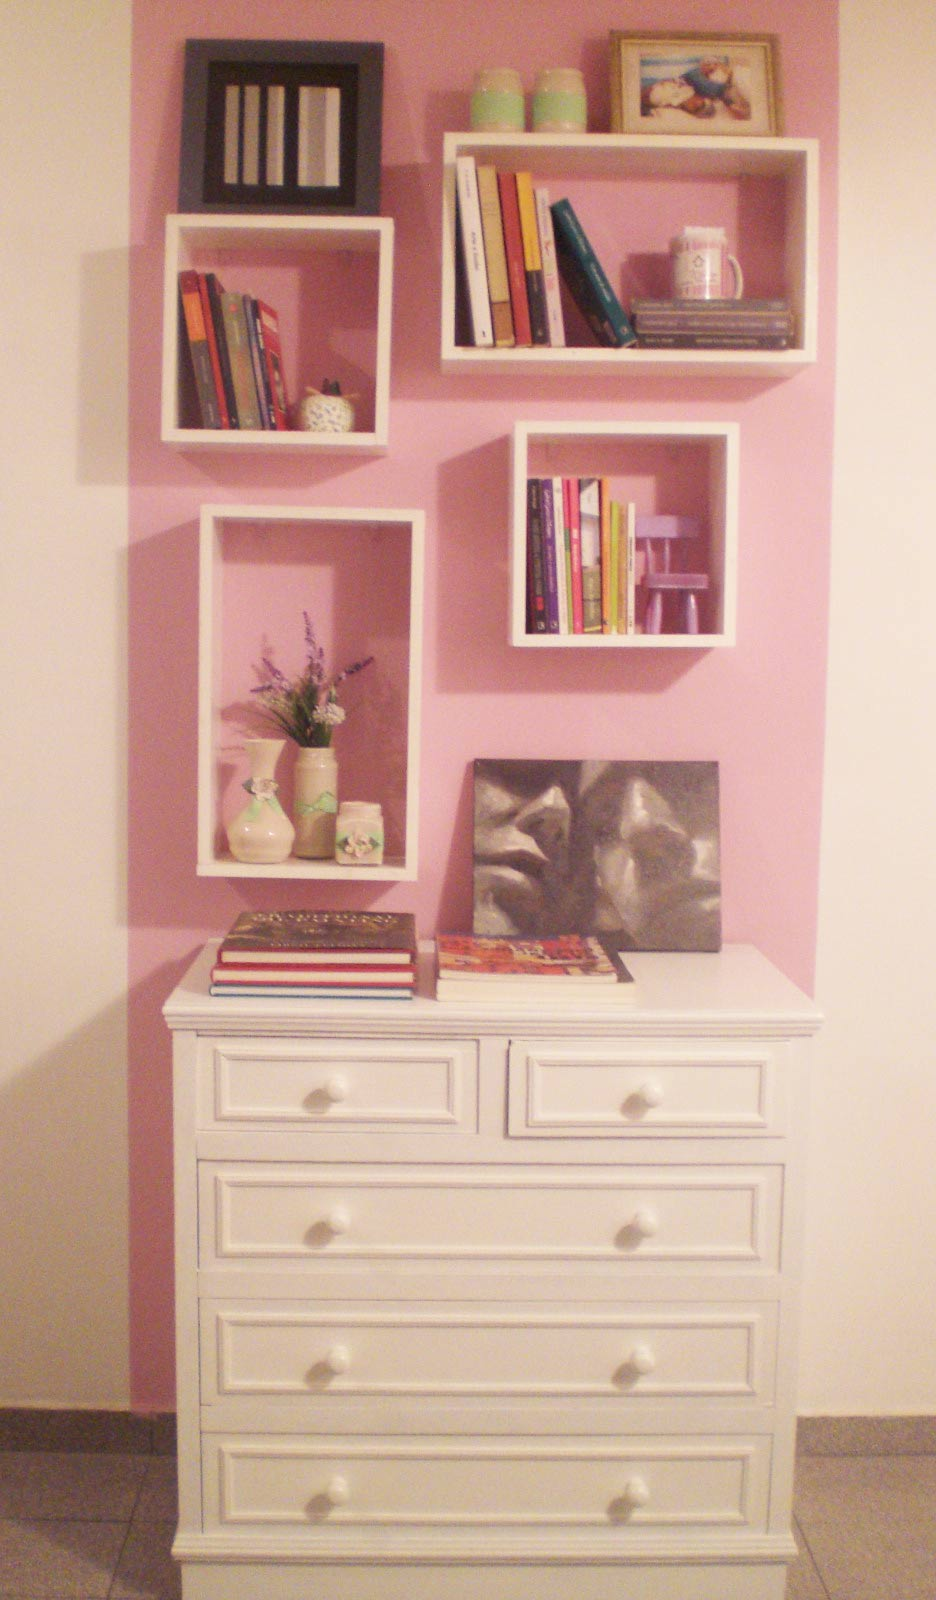 Nichos para decorar e organizar 3